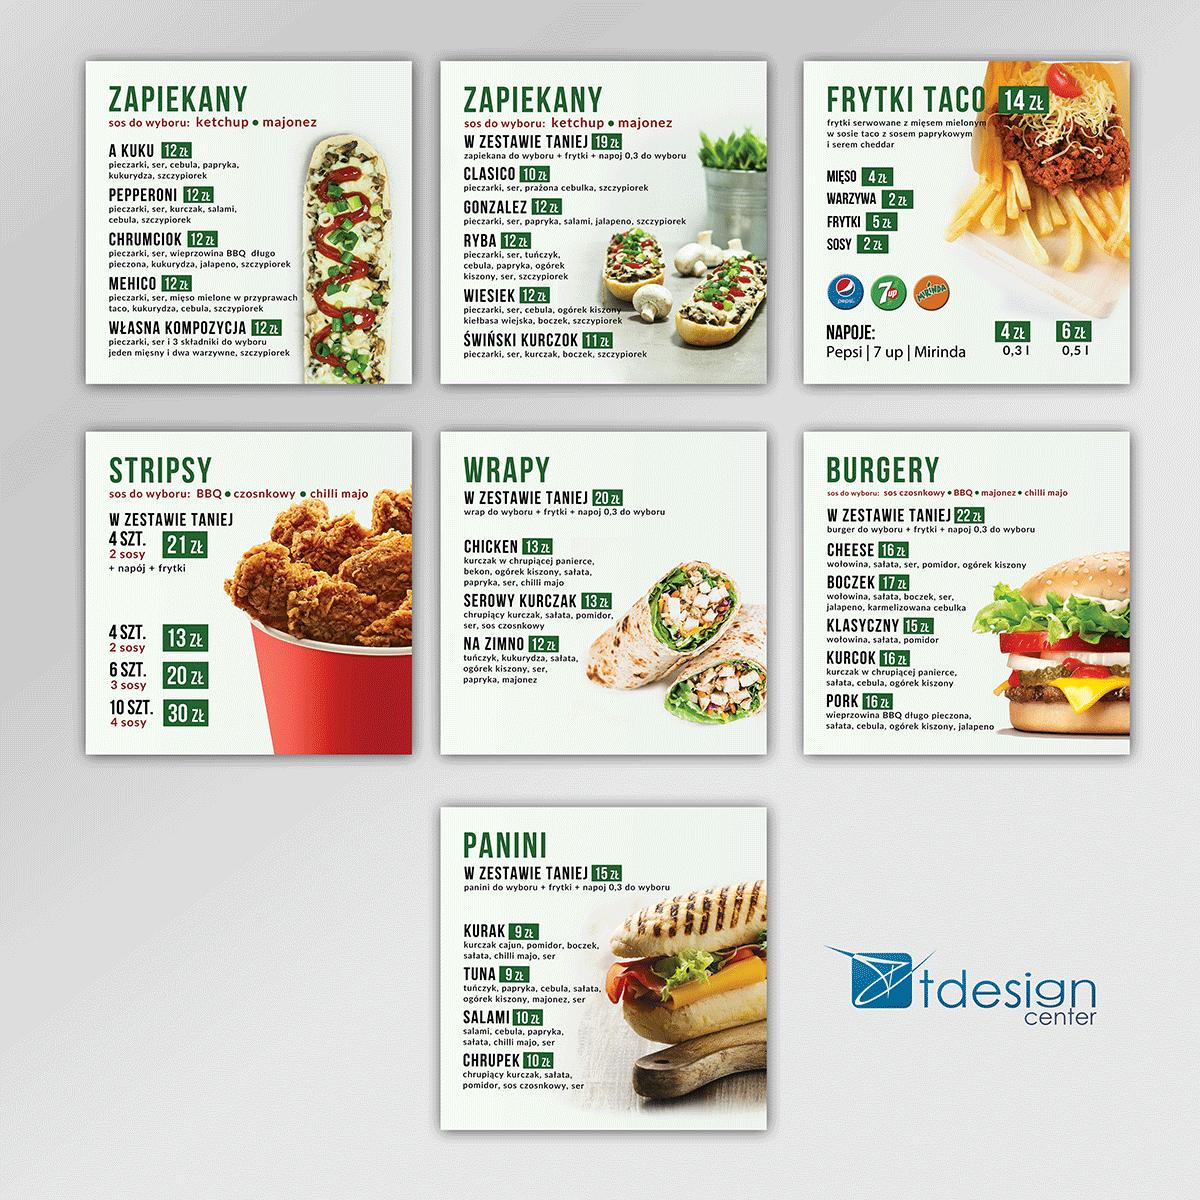 Folie backlit do podświetleń - menuboardy, projekt + realizacja dla restauracji Zapiekana